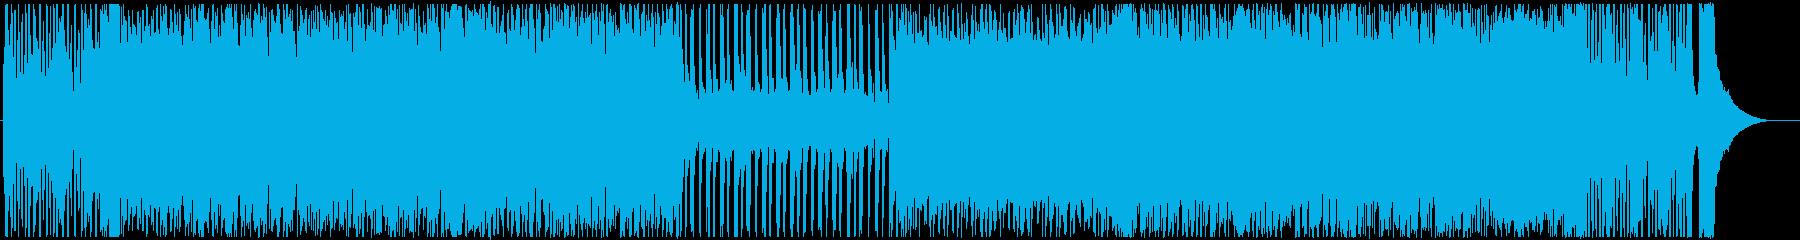 元気で壮大なオーケストラの再生済みの波形